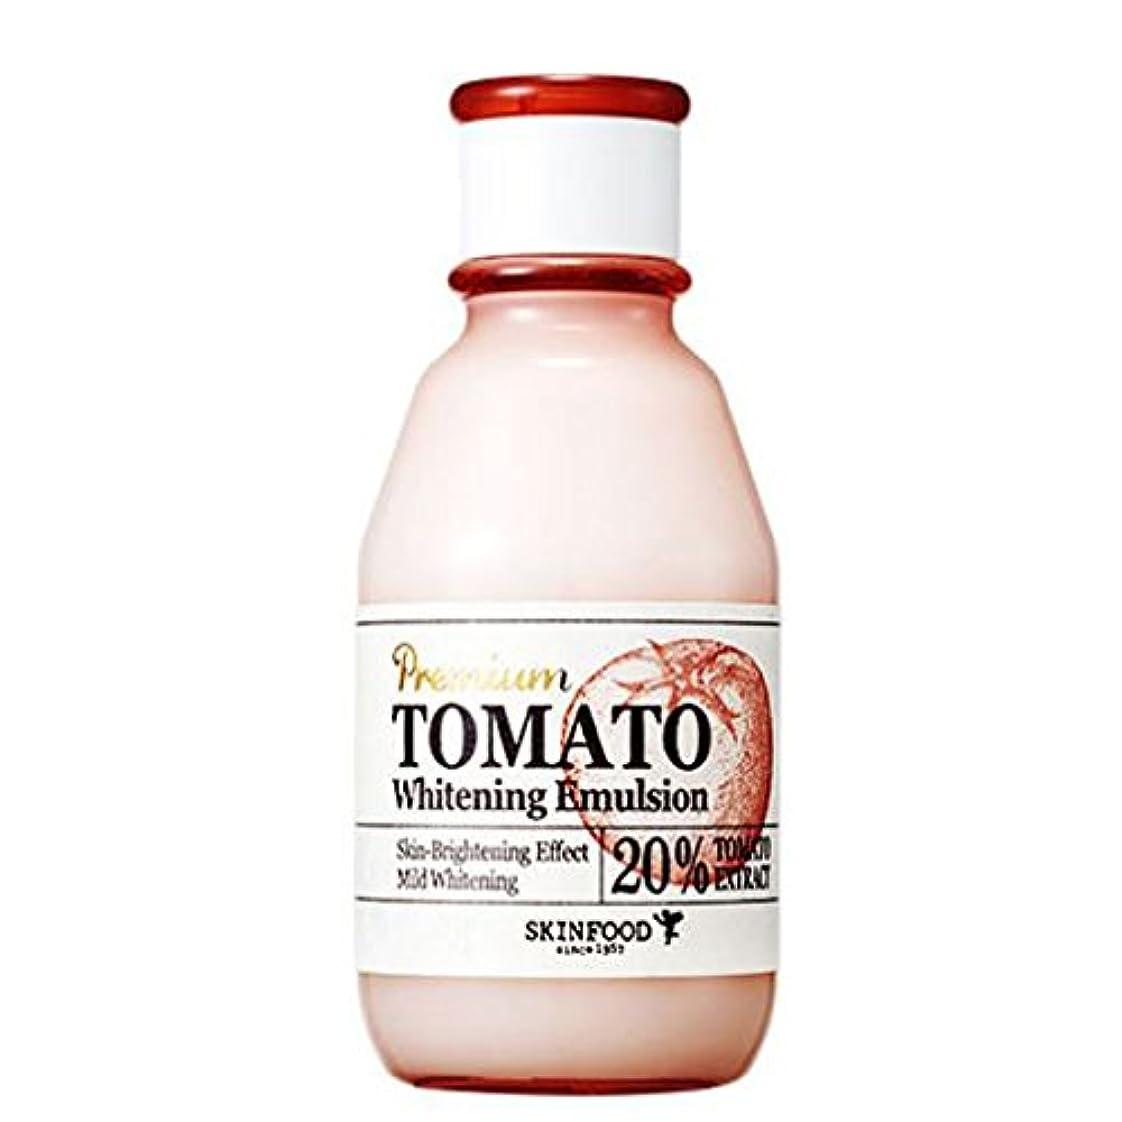 ハンカチ脱獄グローブスキンフード (SKINFOOD) プレミアムトマト ブライトニング エマルジョン